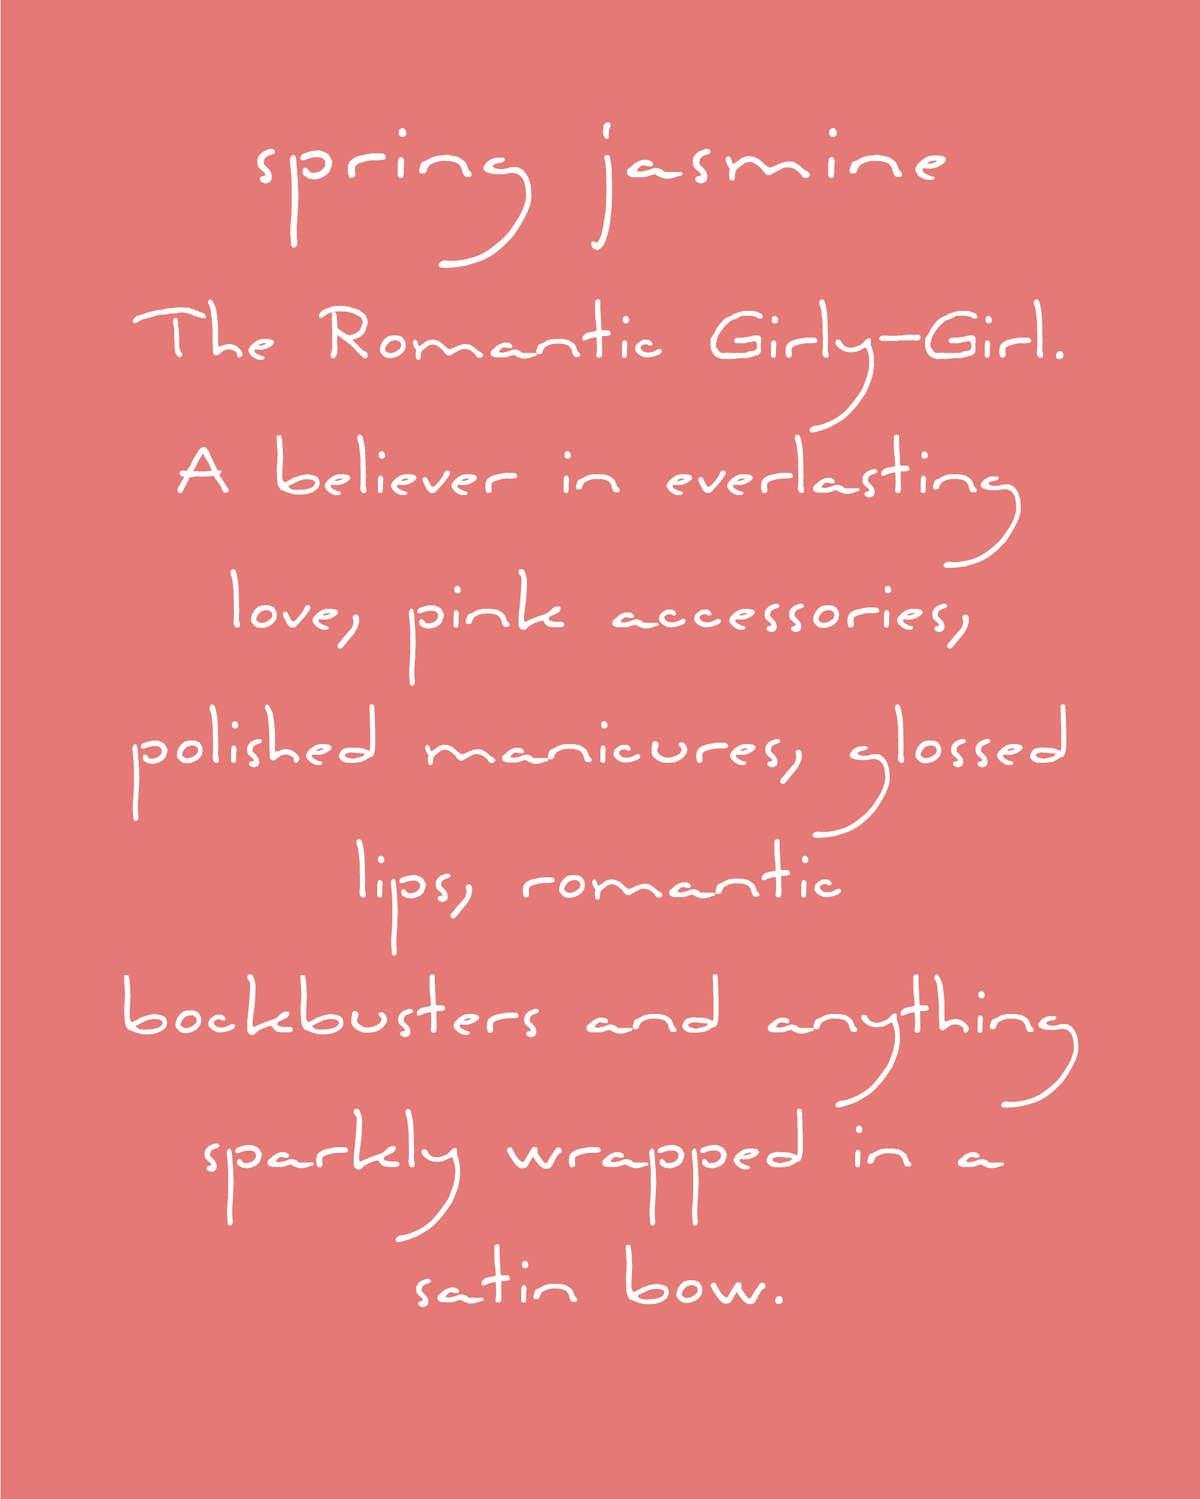 Spring Jasmine Fragrance Scent Persona romantic, girly girl.